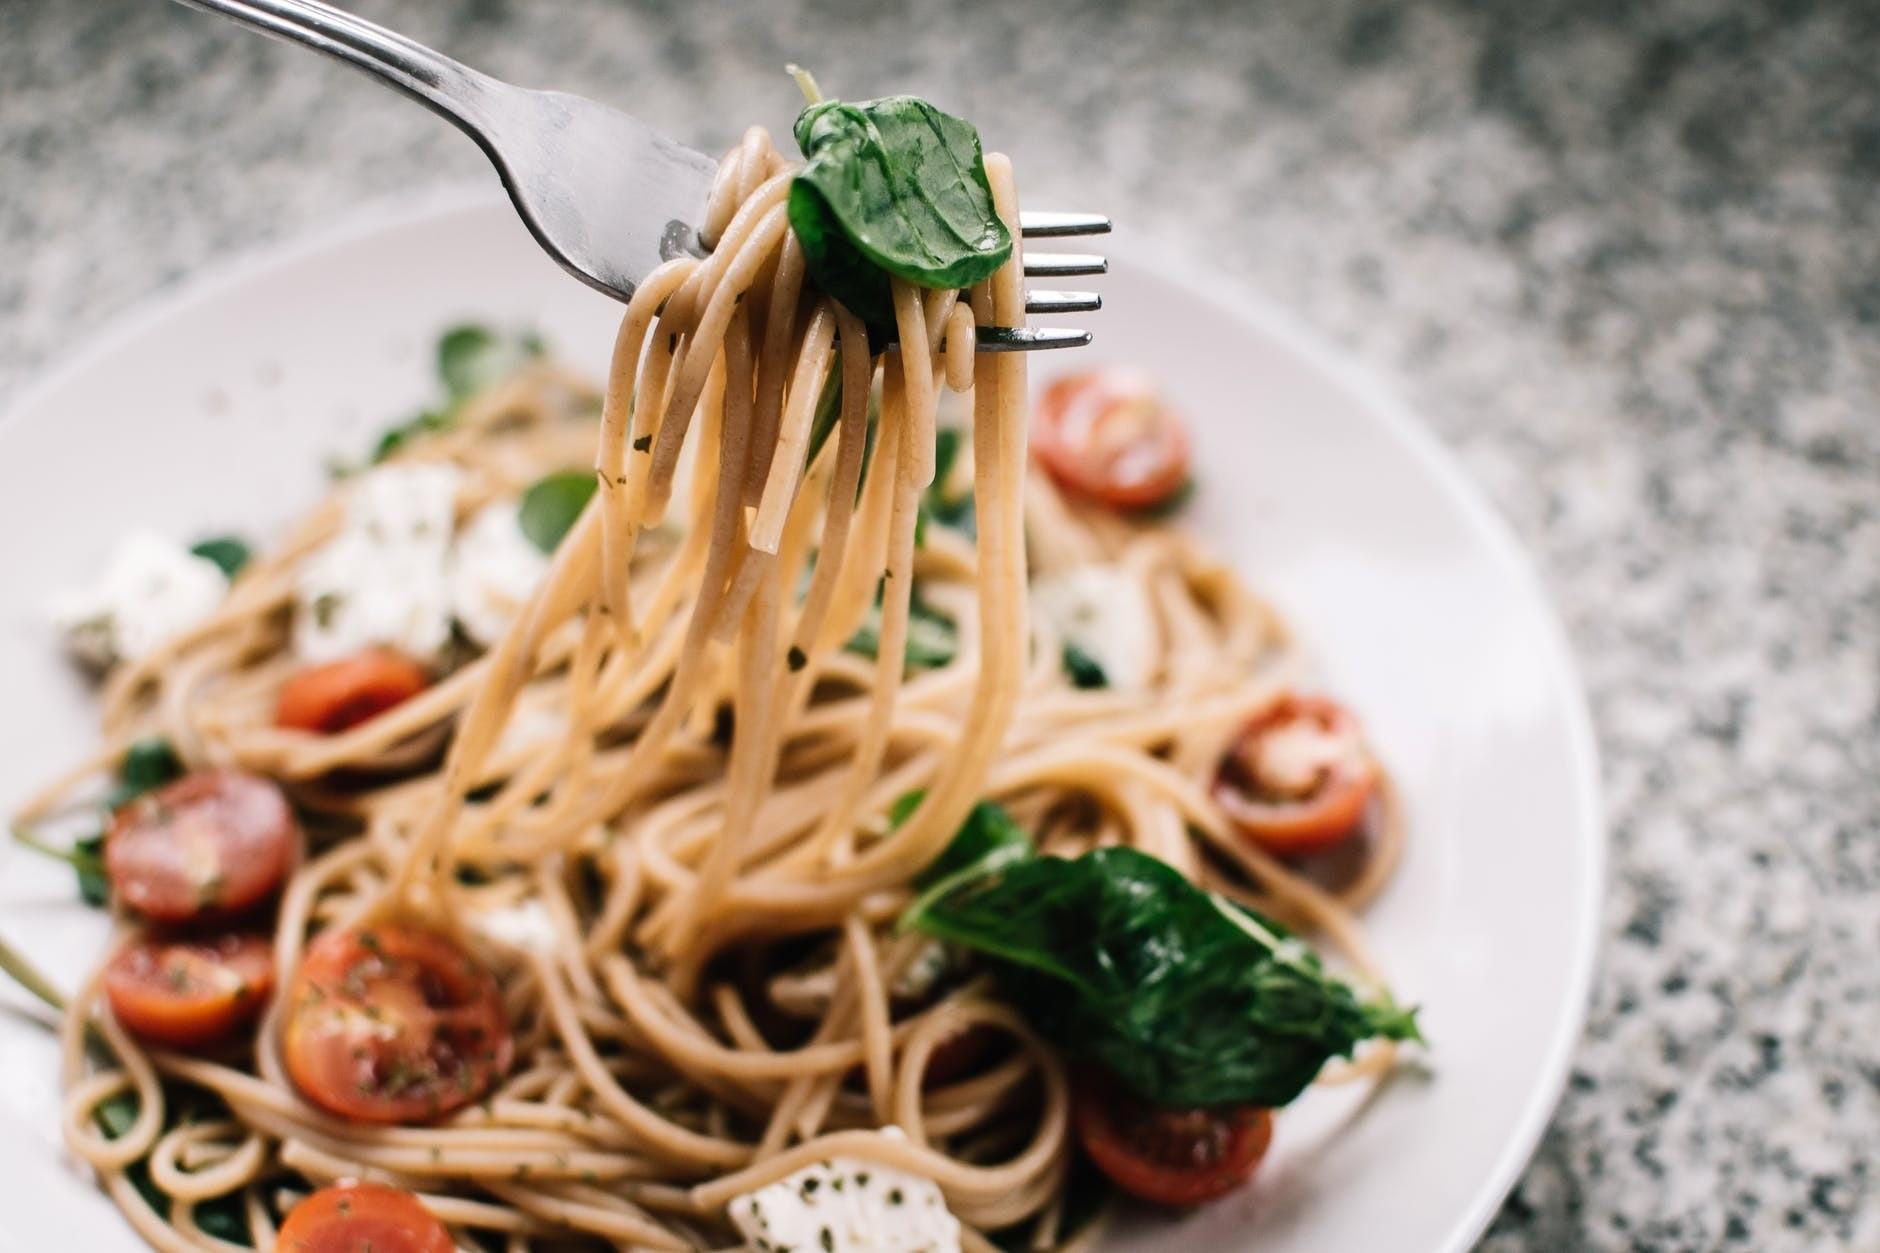 Ешь на здоровье: какие продукты полезны для поджелудочной железы